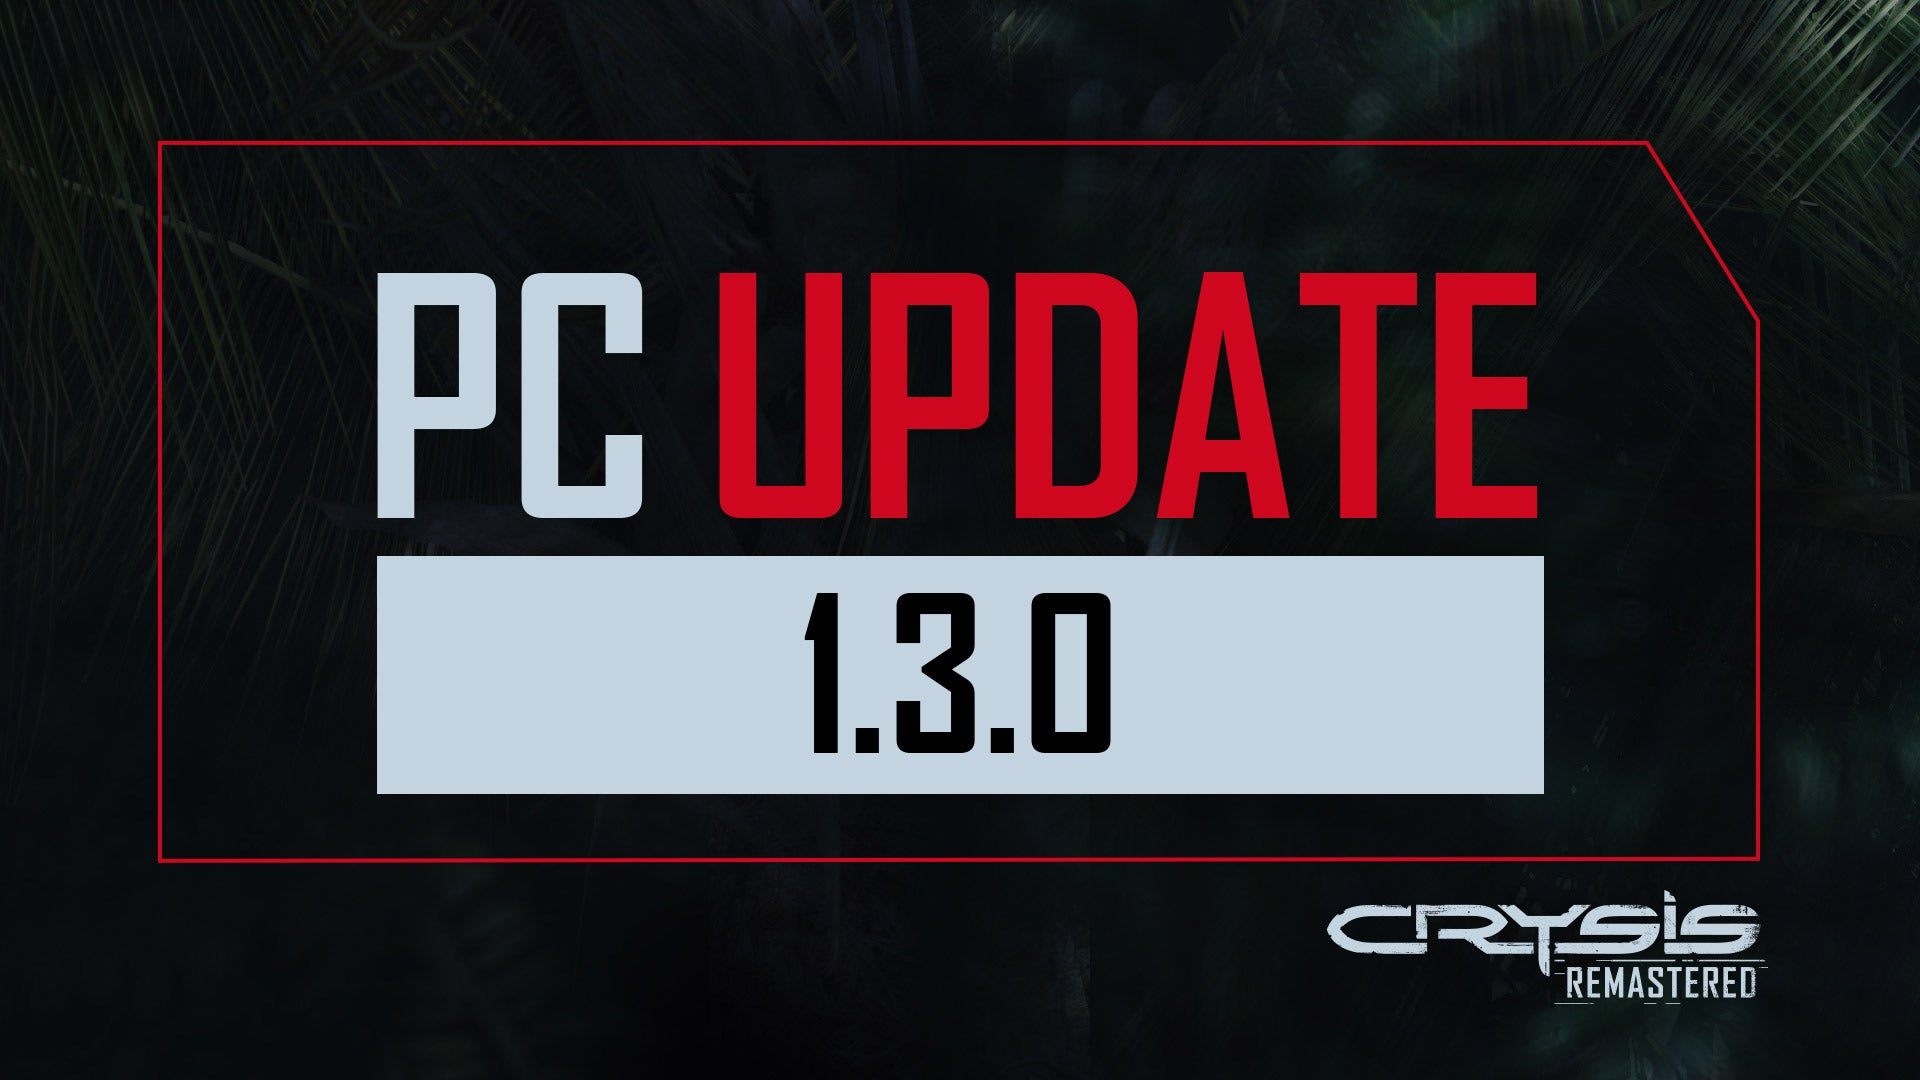 Вышло обновление Crysis Remastered 1.3.0, улучшающее производительность и исправляющее физику растительности